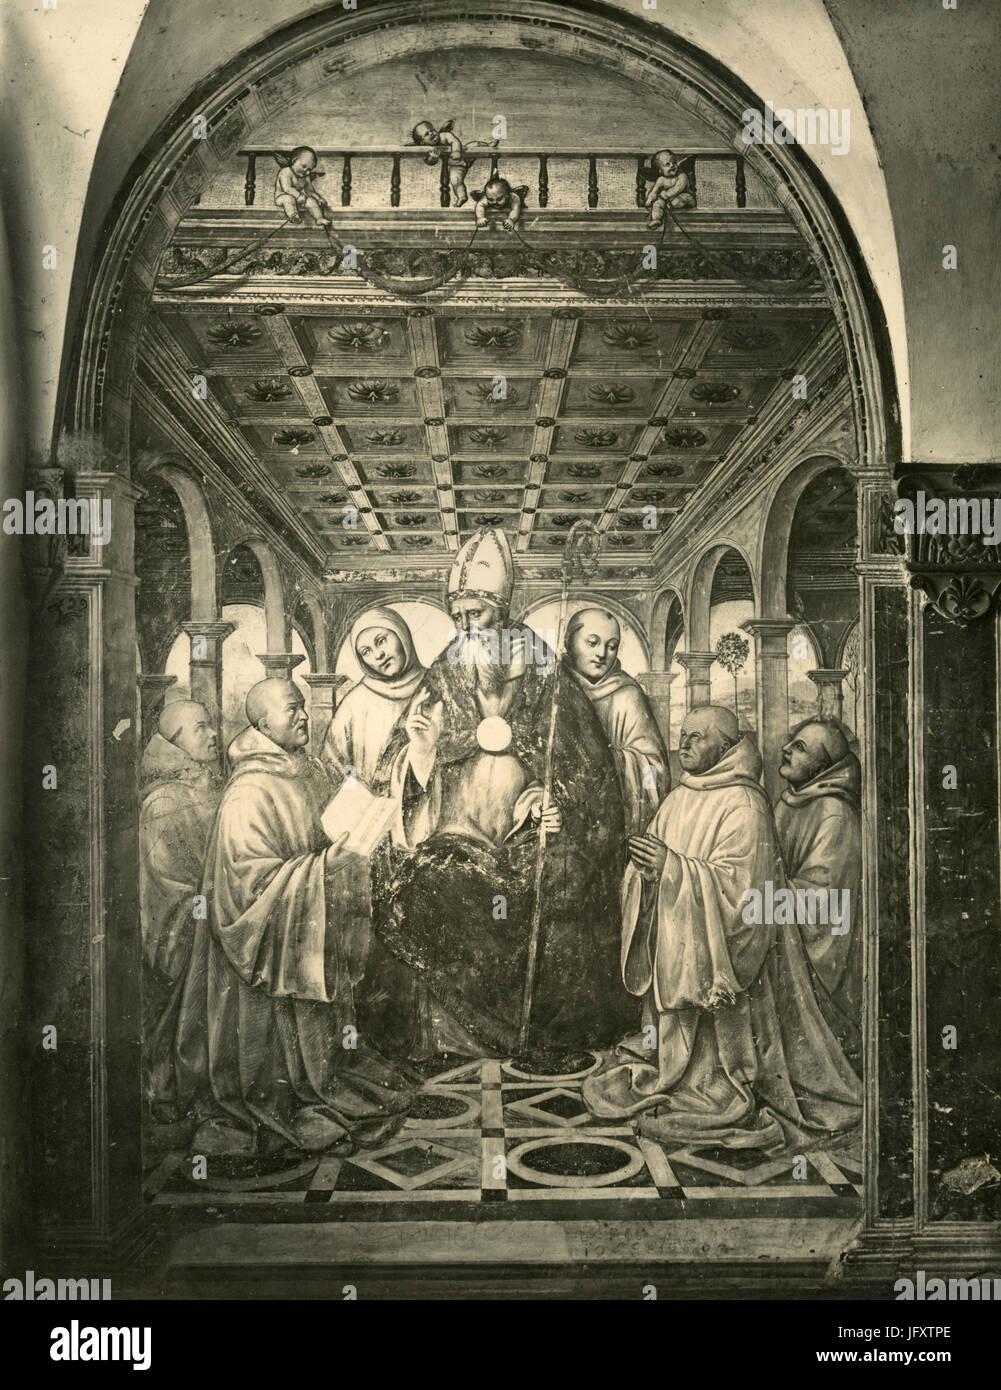 Institution der Regel Olivetan, Gemälde von Sodoma, Pienza, Italien Stockbild